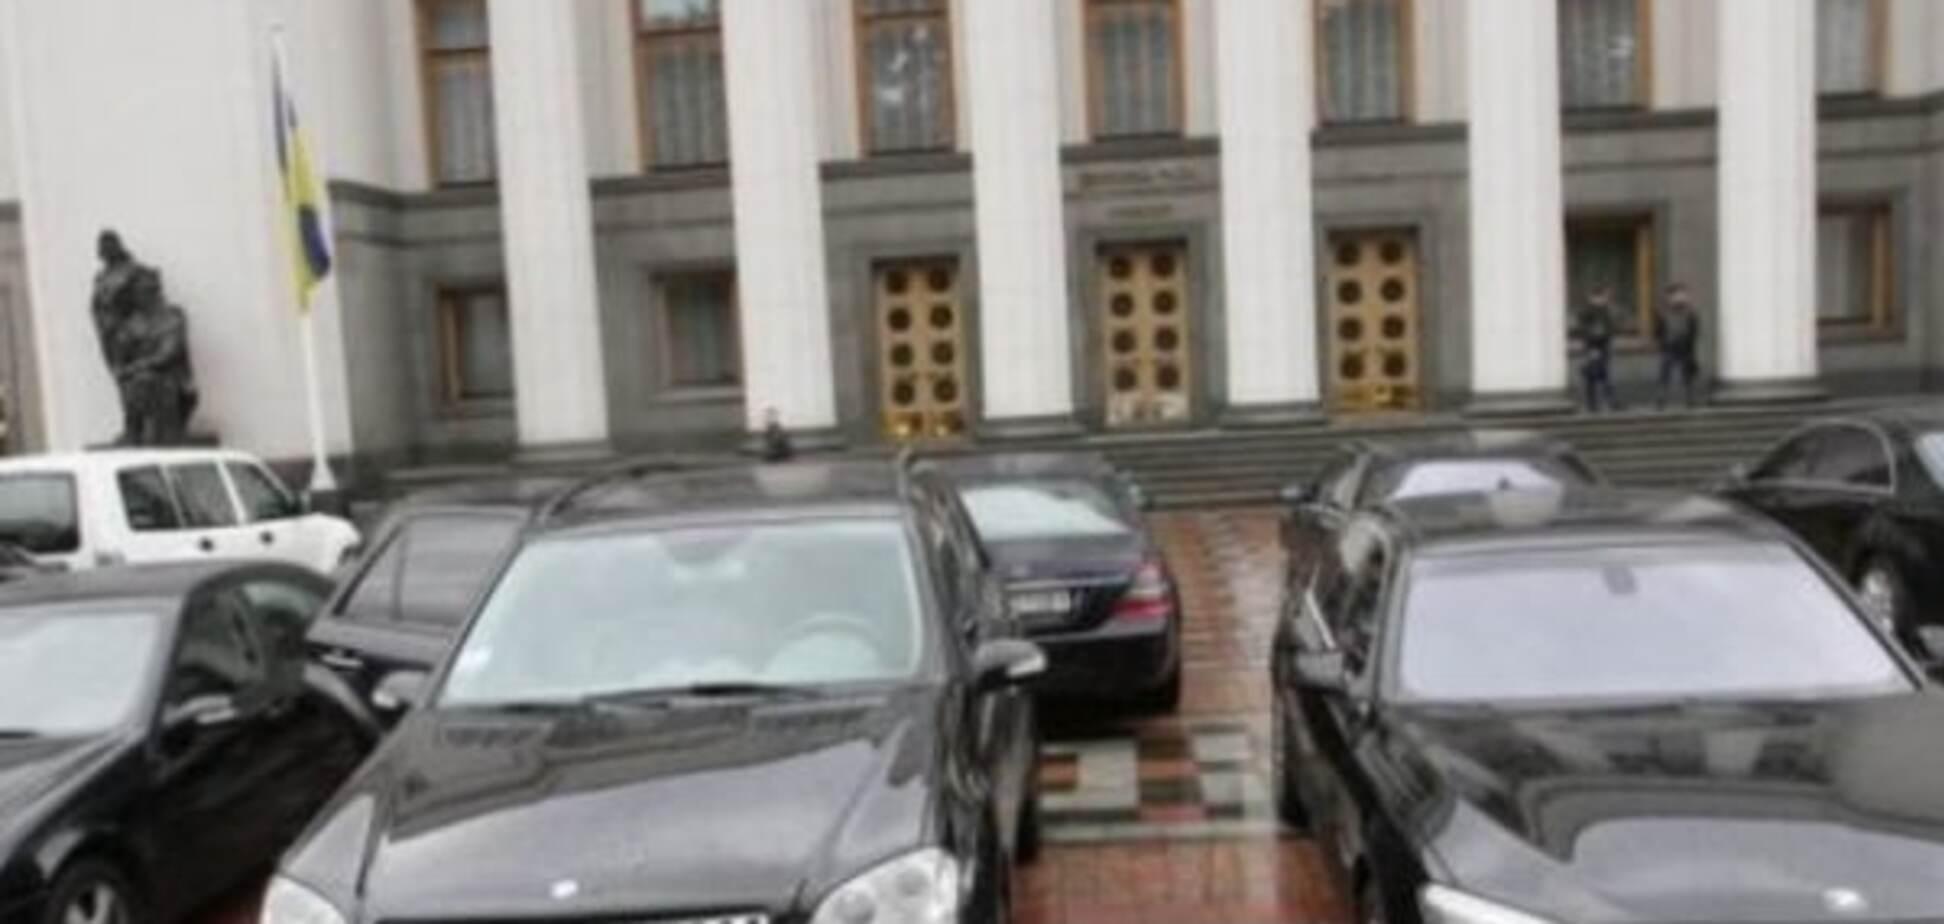 Пристрілка? Невідомі обстріляли автобазу Верховної Ради